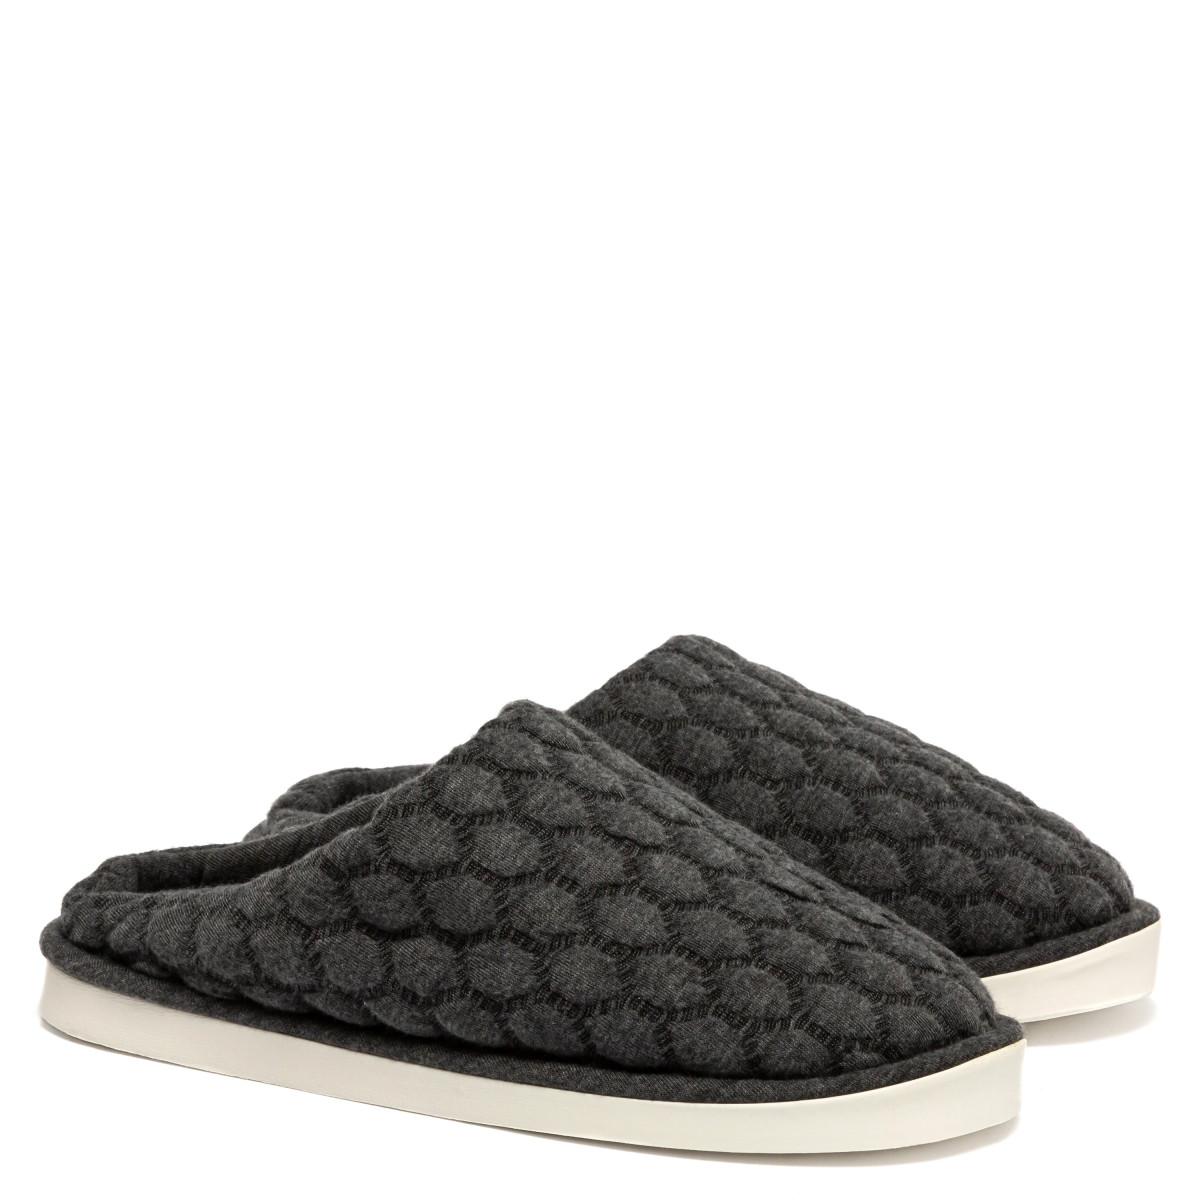 Women's Home slippers FAMILY, Gray